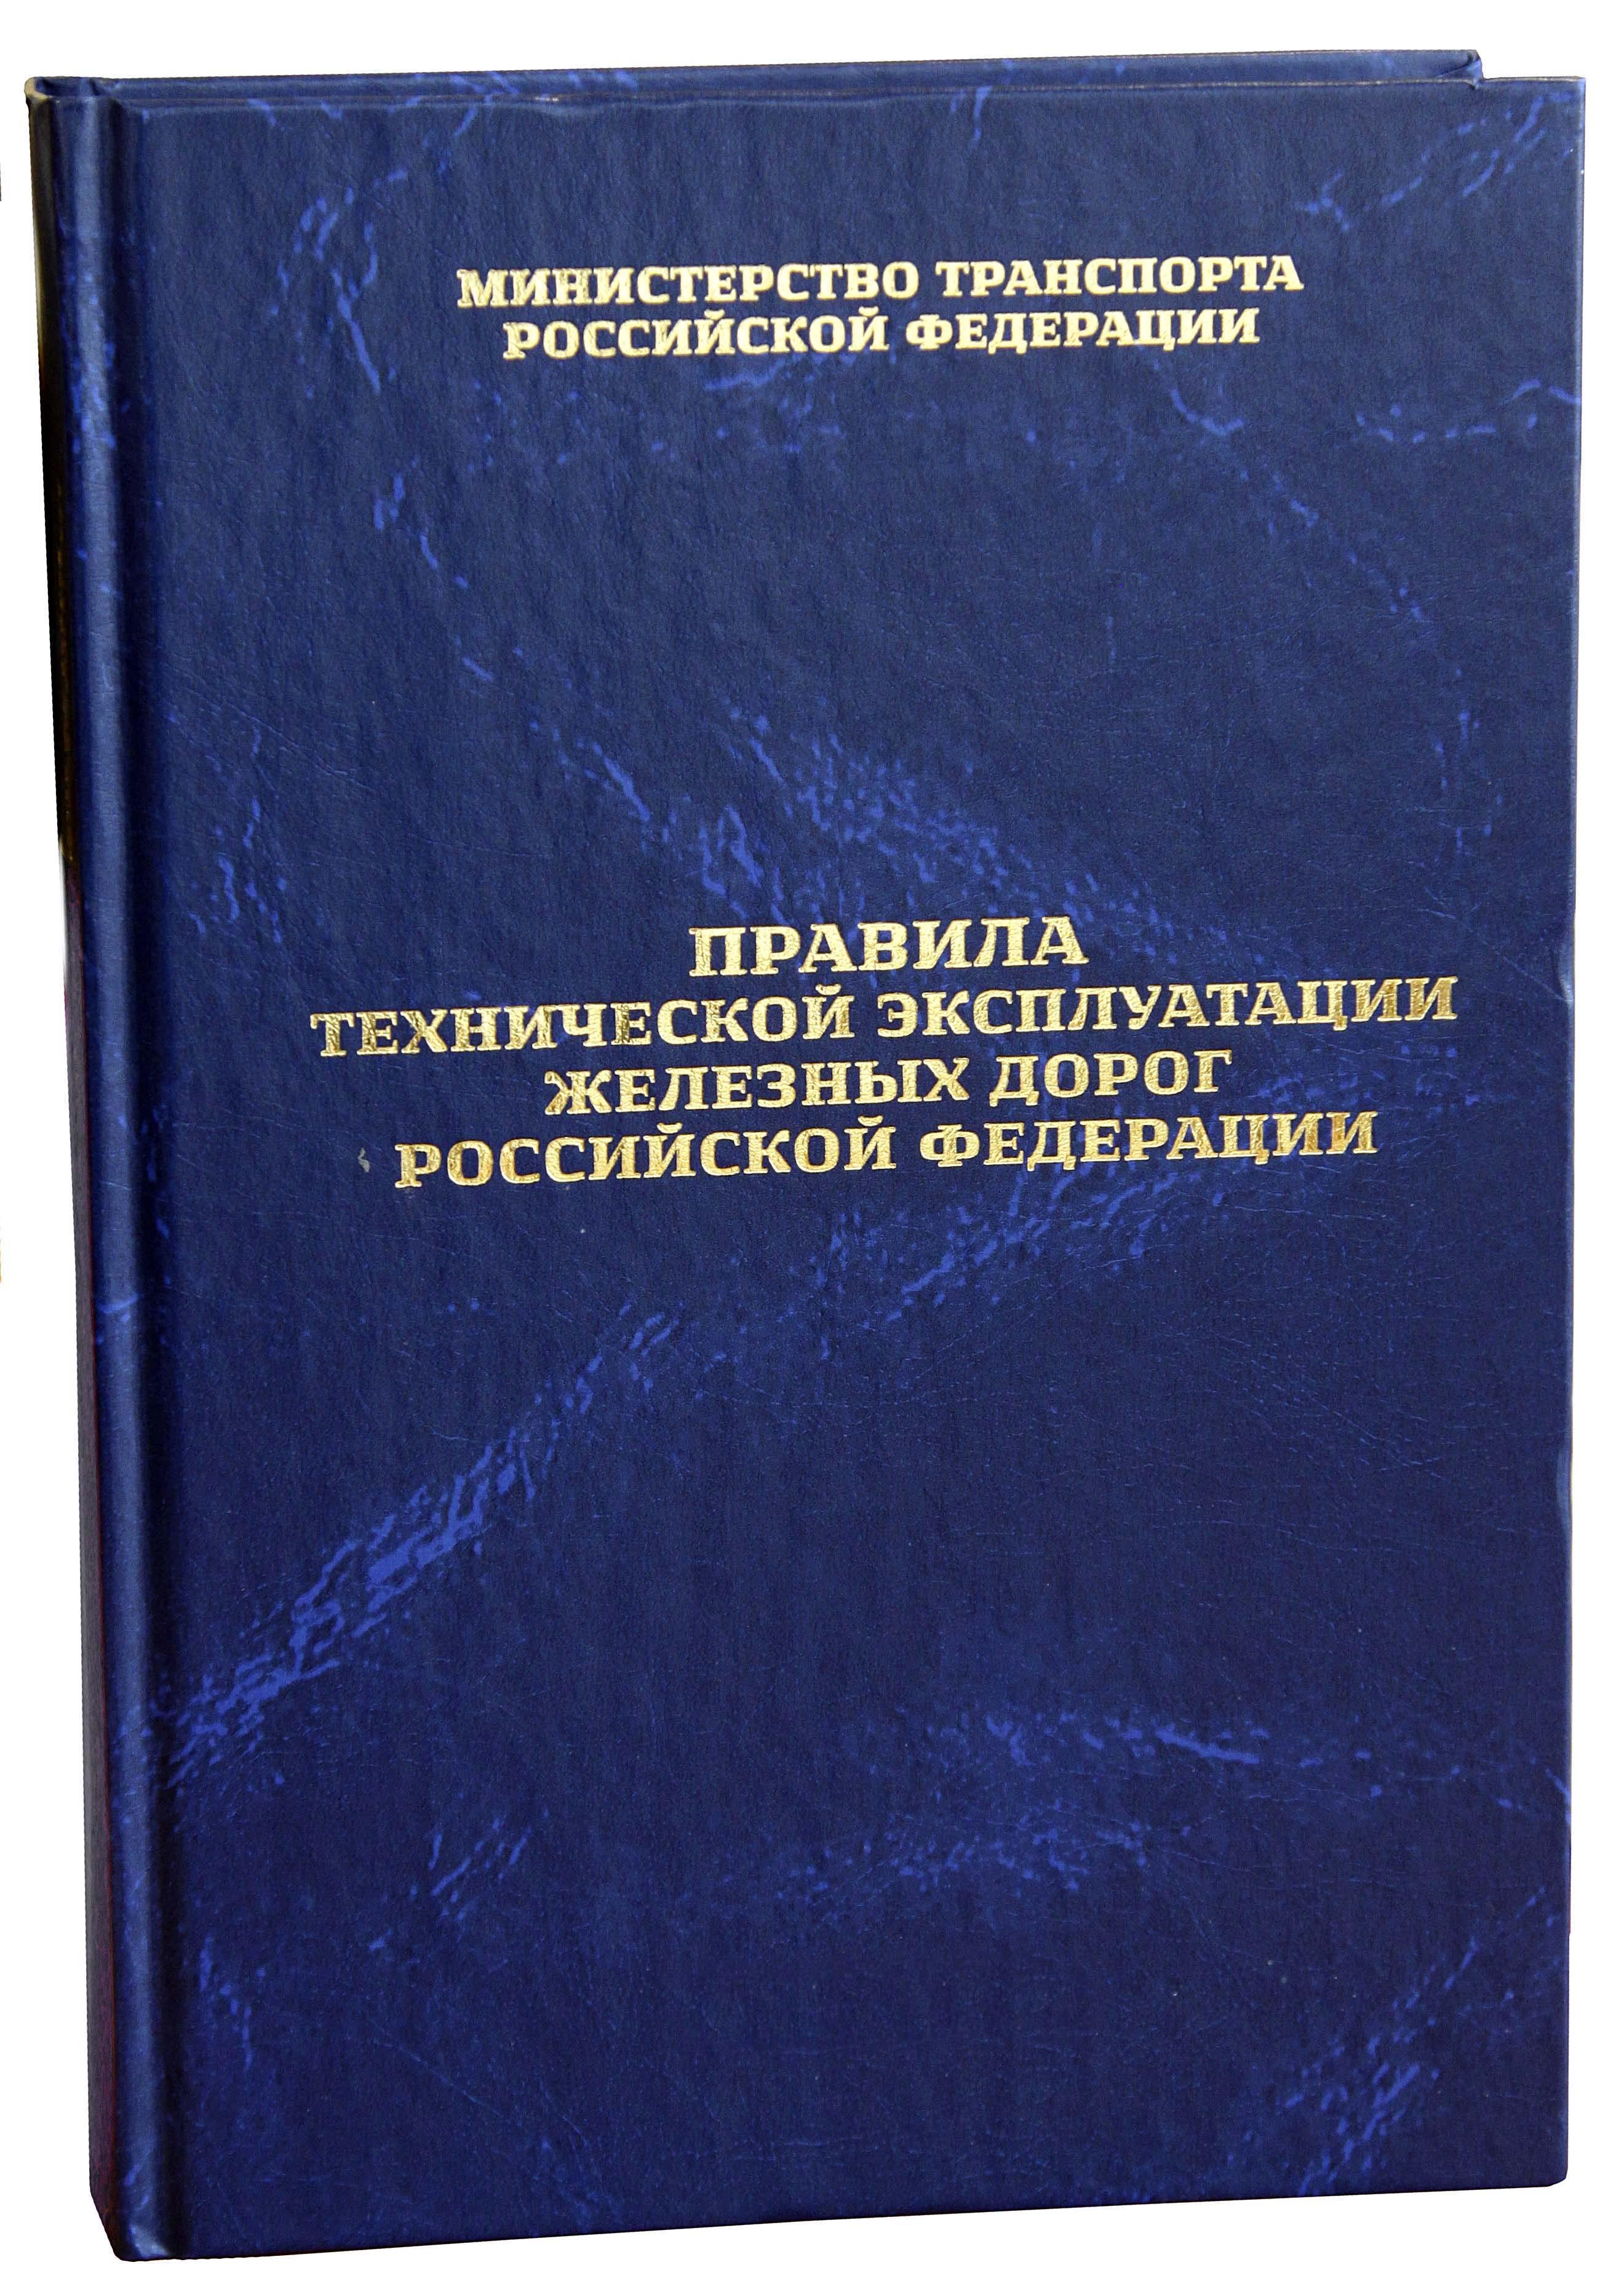 коды ГТА: птэ ржд с изменениями Плевицкой пр-кт Предлагается